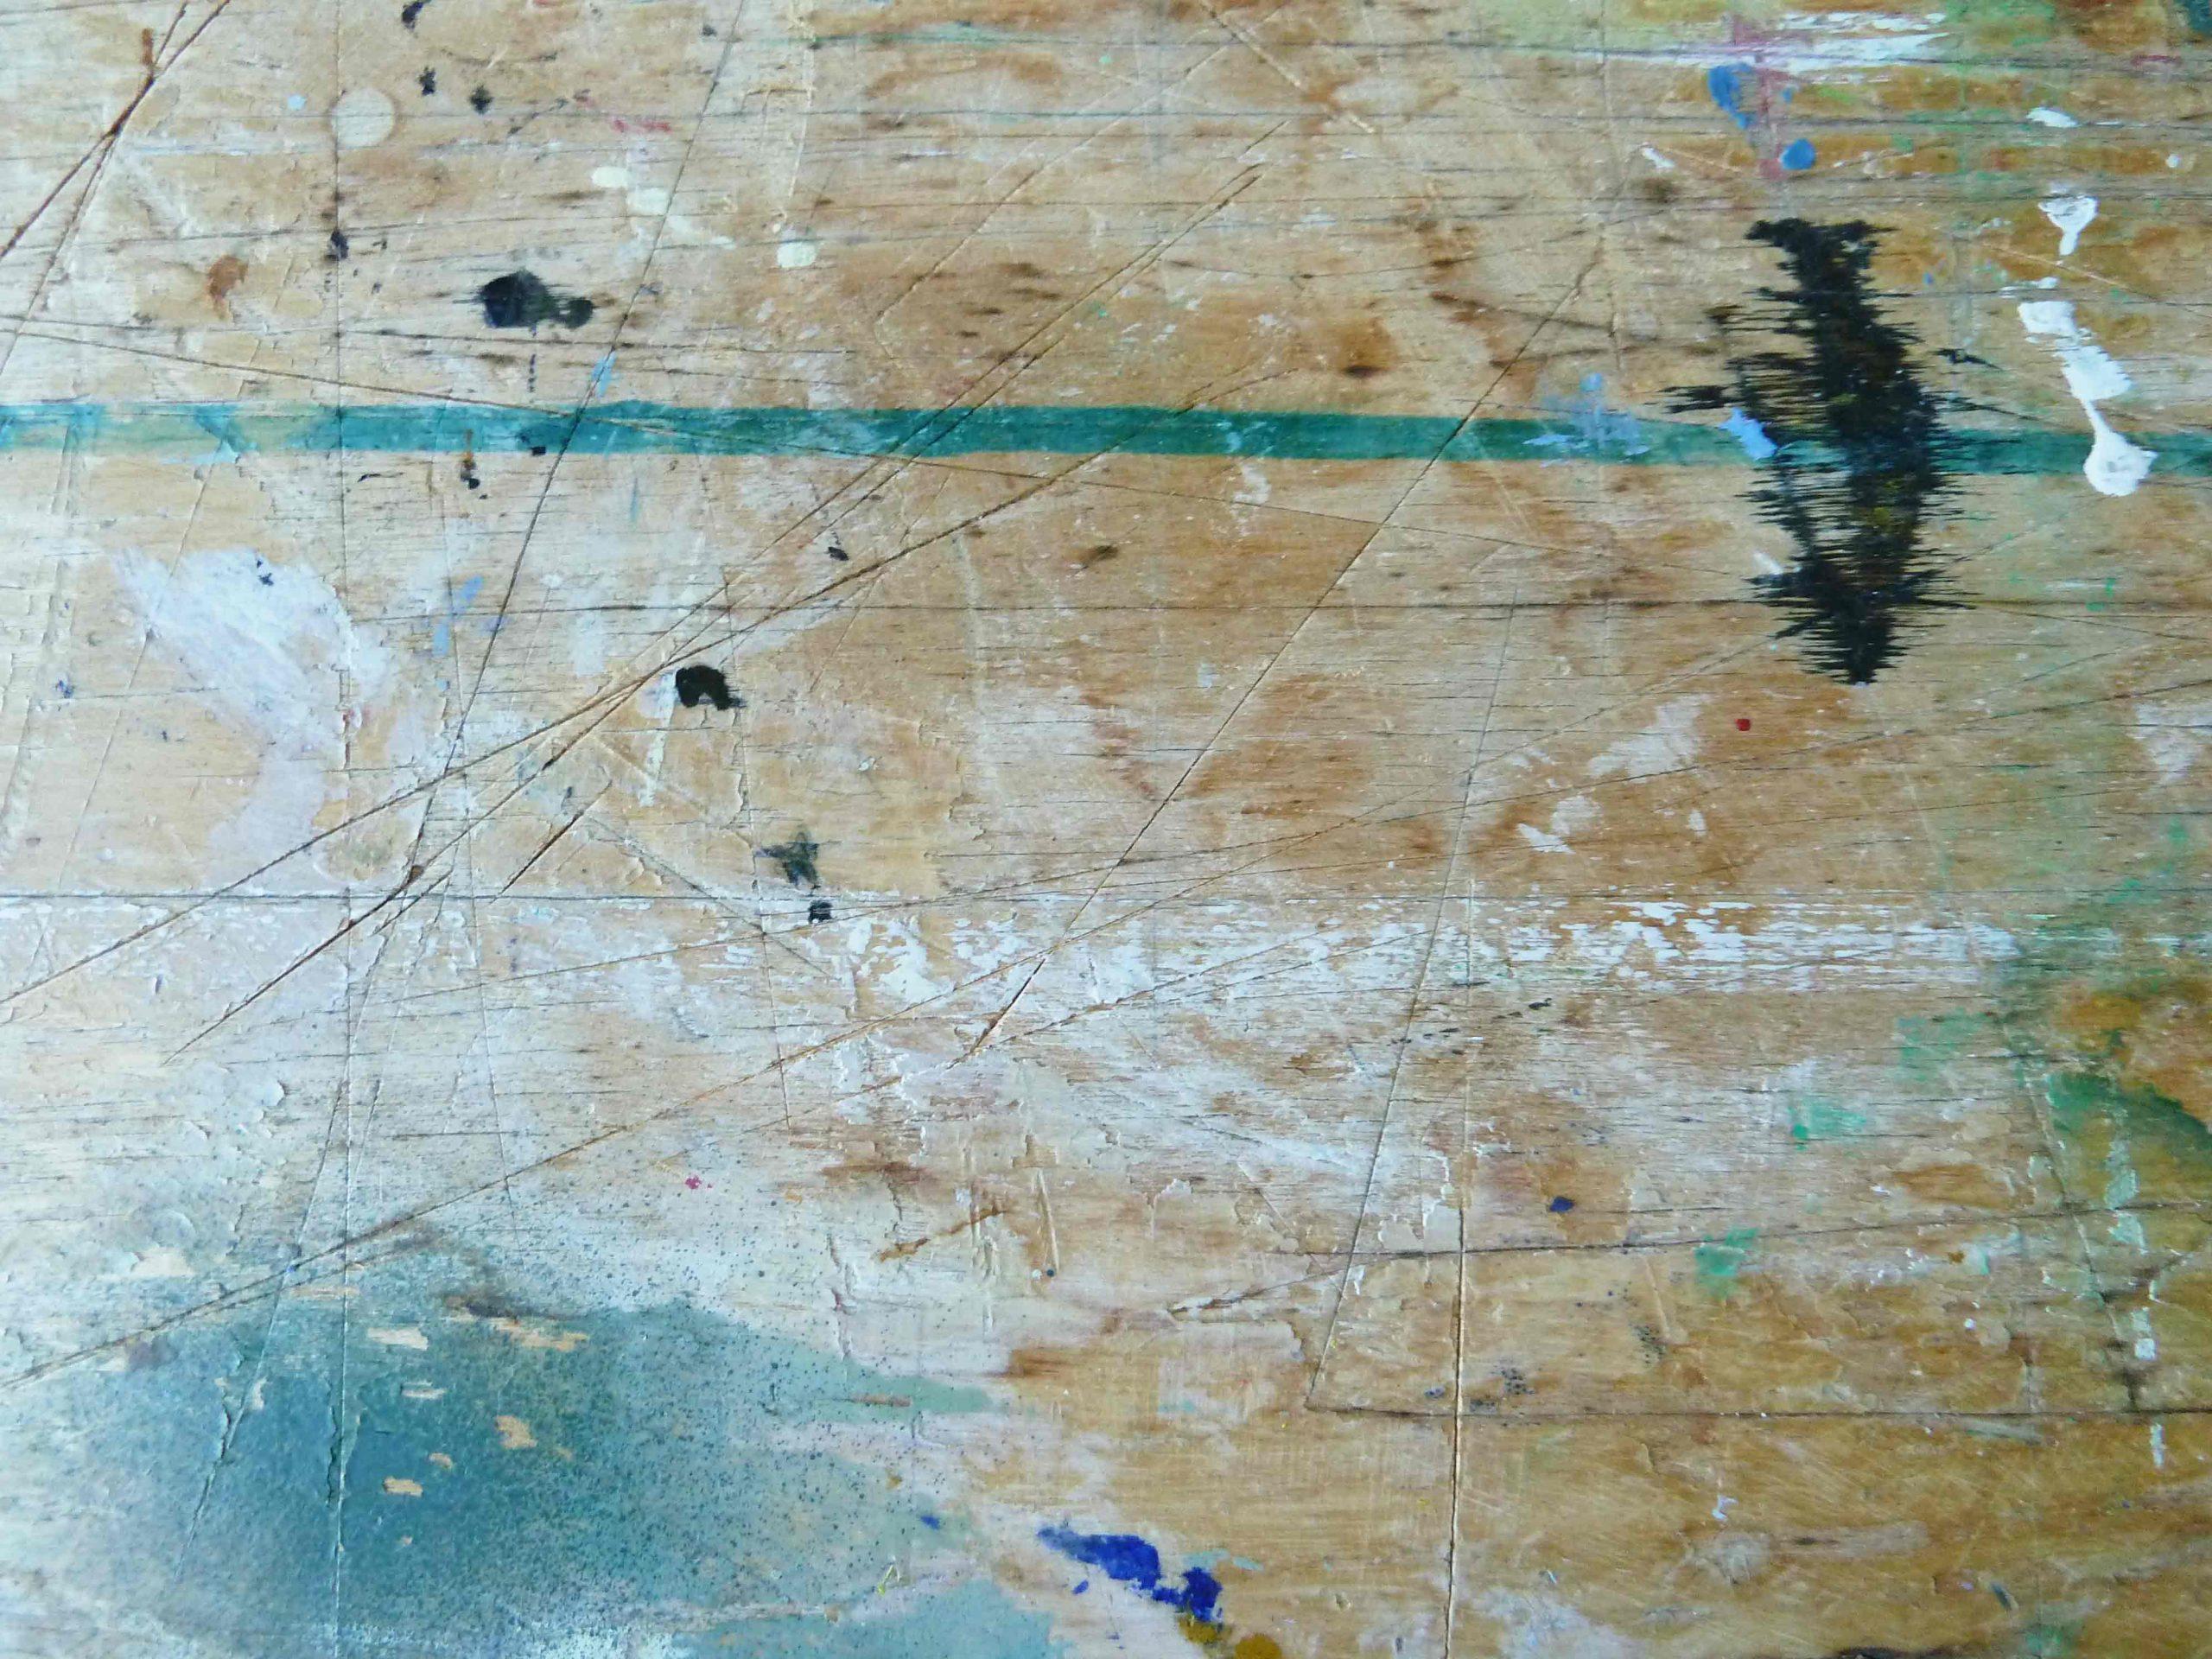 Arbeitstisch im Atelier, Oberfläche mit Schnittspuren und Farbflecken